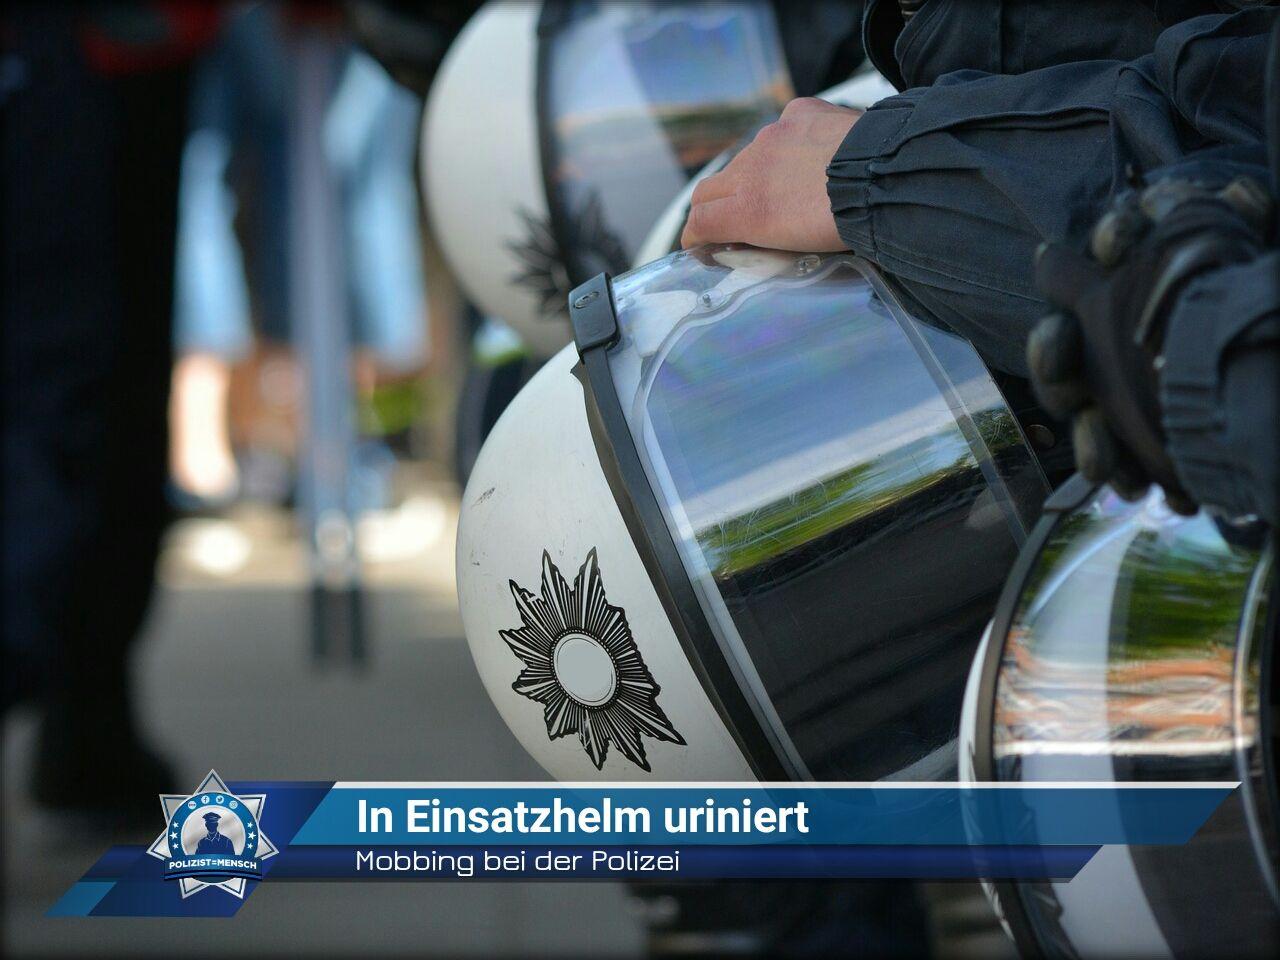 Mobbing Bei Der Polizei In Einsatzhelm Uriniert Polizistmensch